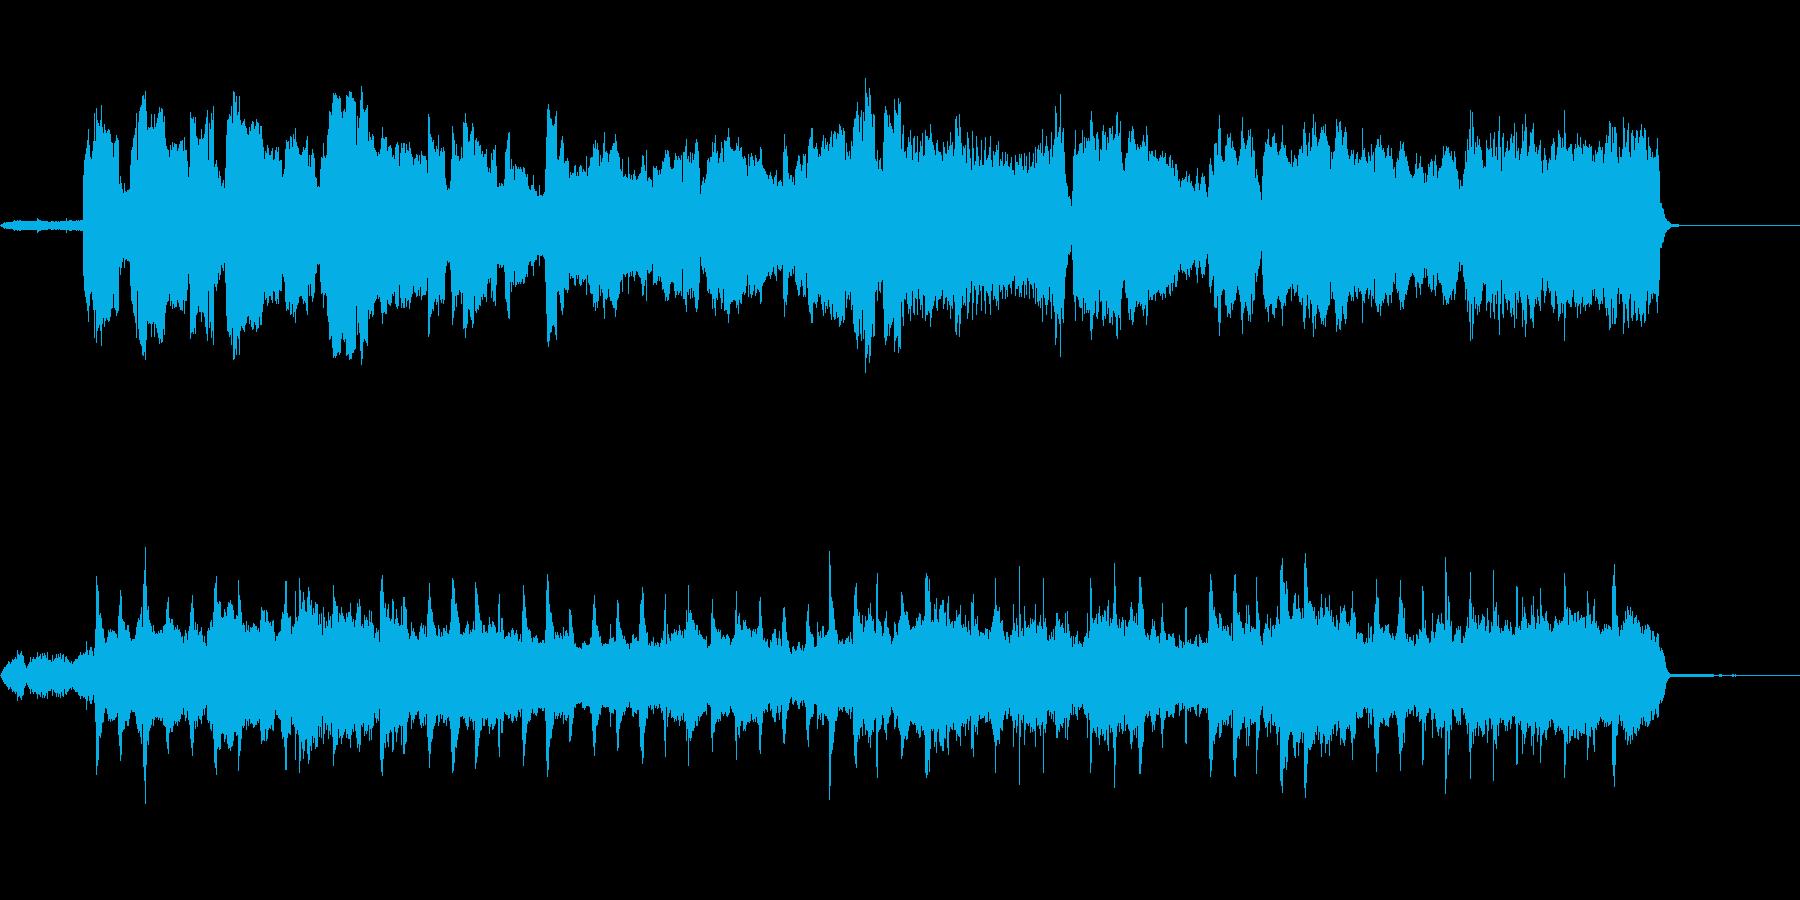 クラシカルなボサノヴァ風オーケストラの再生済みの波形